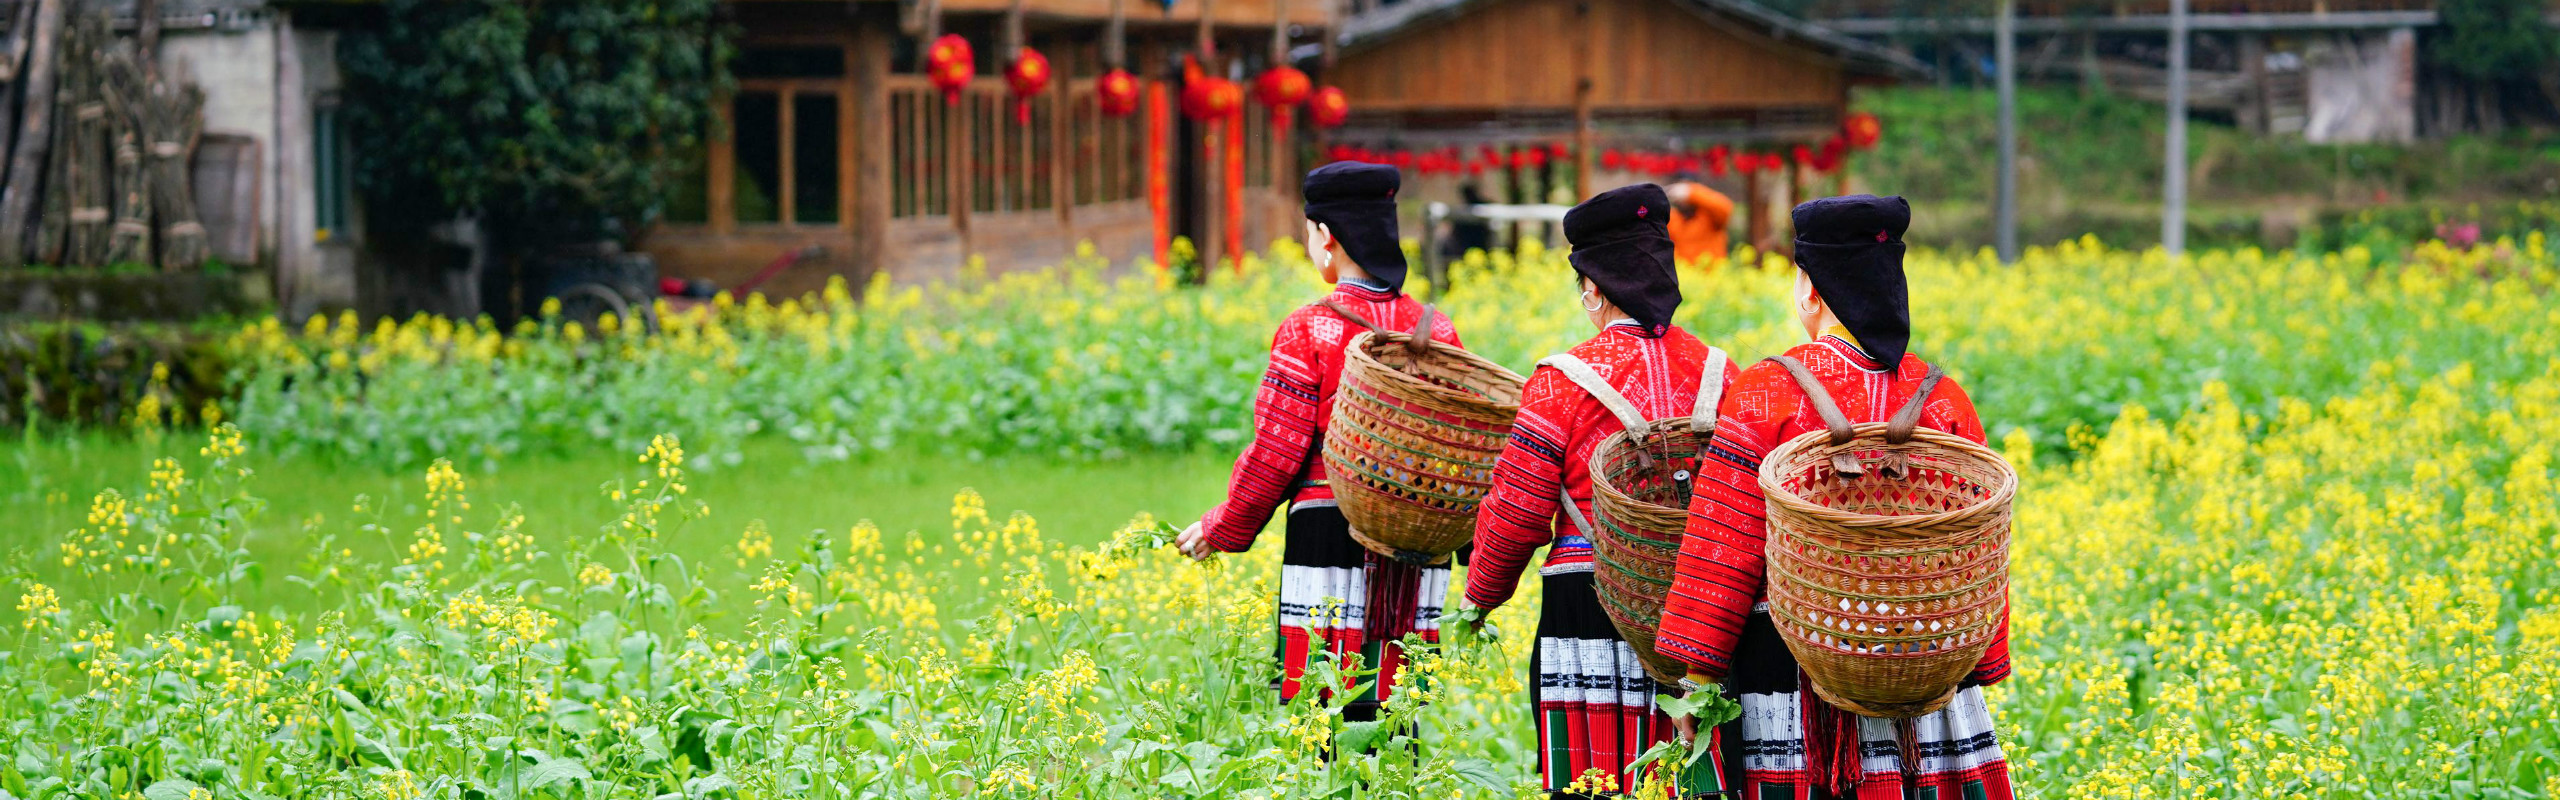 6-Day Guilin, Yangshuo and Longsheng Tour